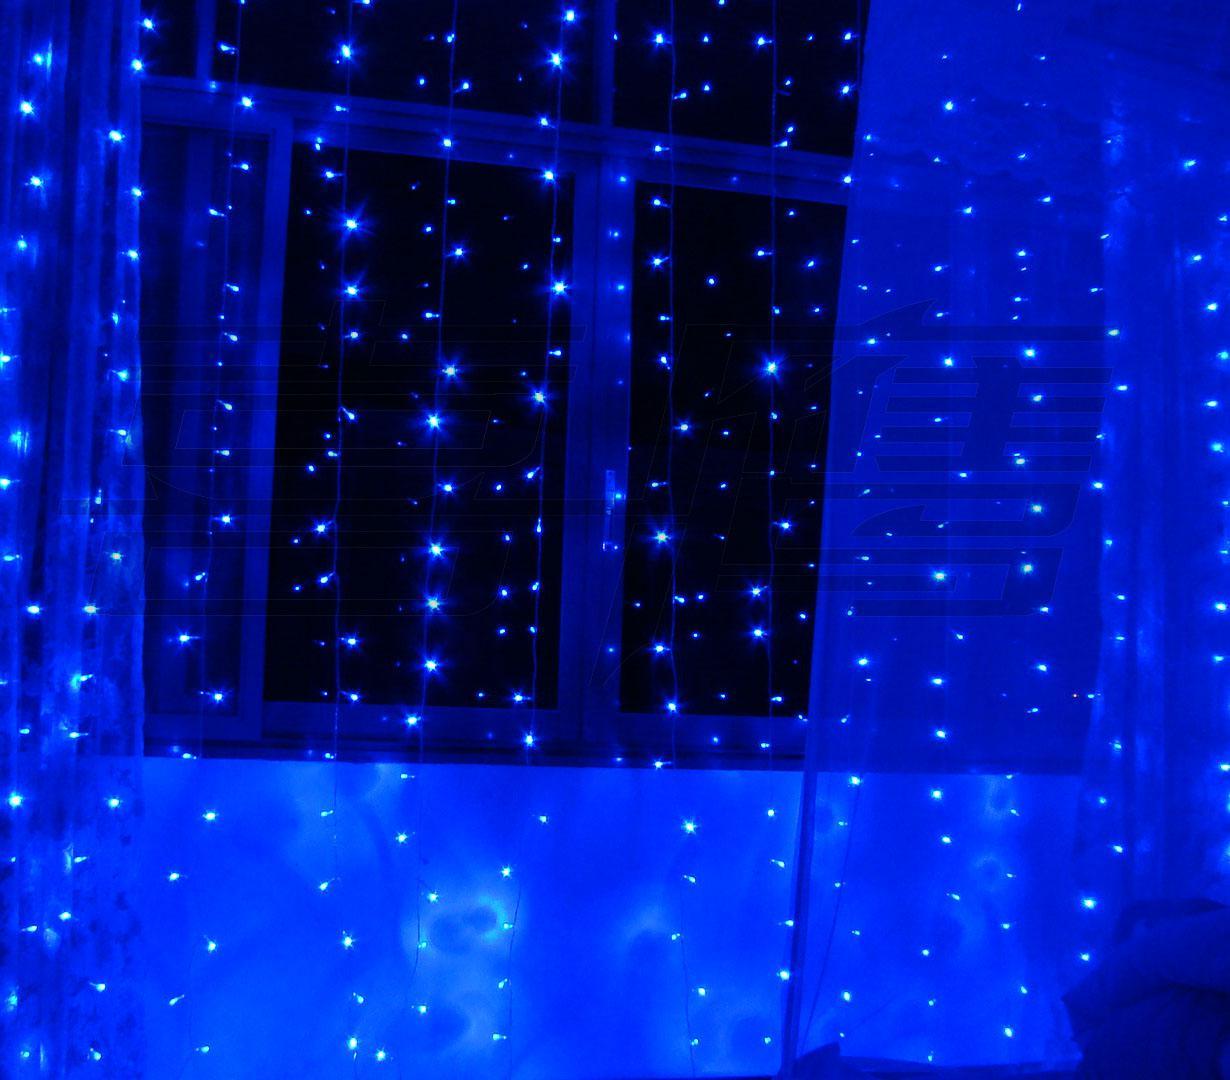 800 Lâmpadas LED 8m * 3m luzes de cortina, luzes de enfeite de Natal à prova d'água, flash casamento luz colorida, luz de fada tira de tiras de LED de iluminação